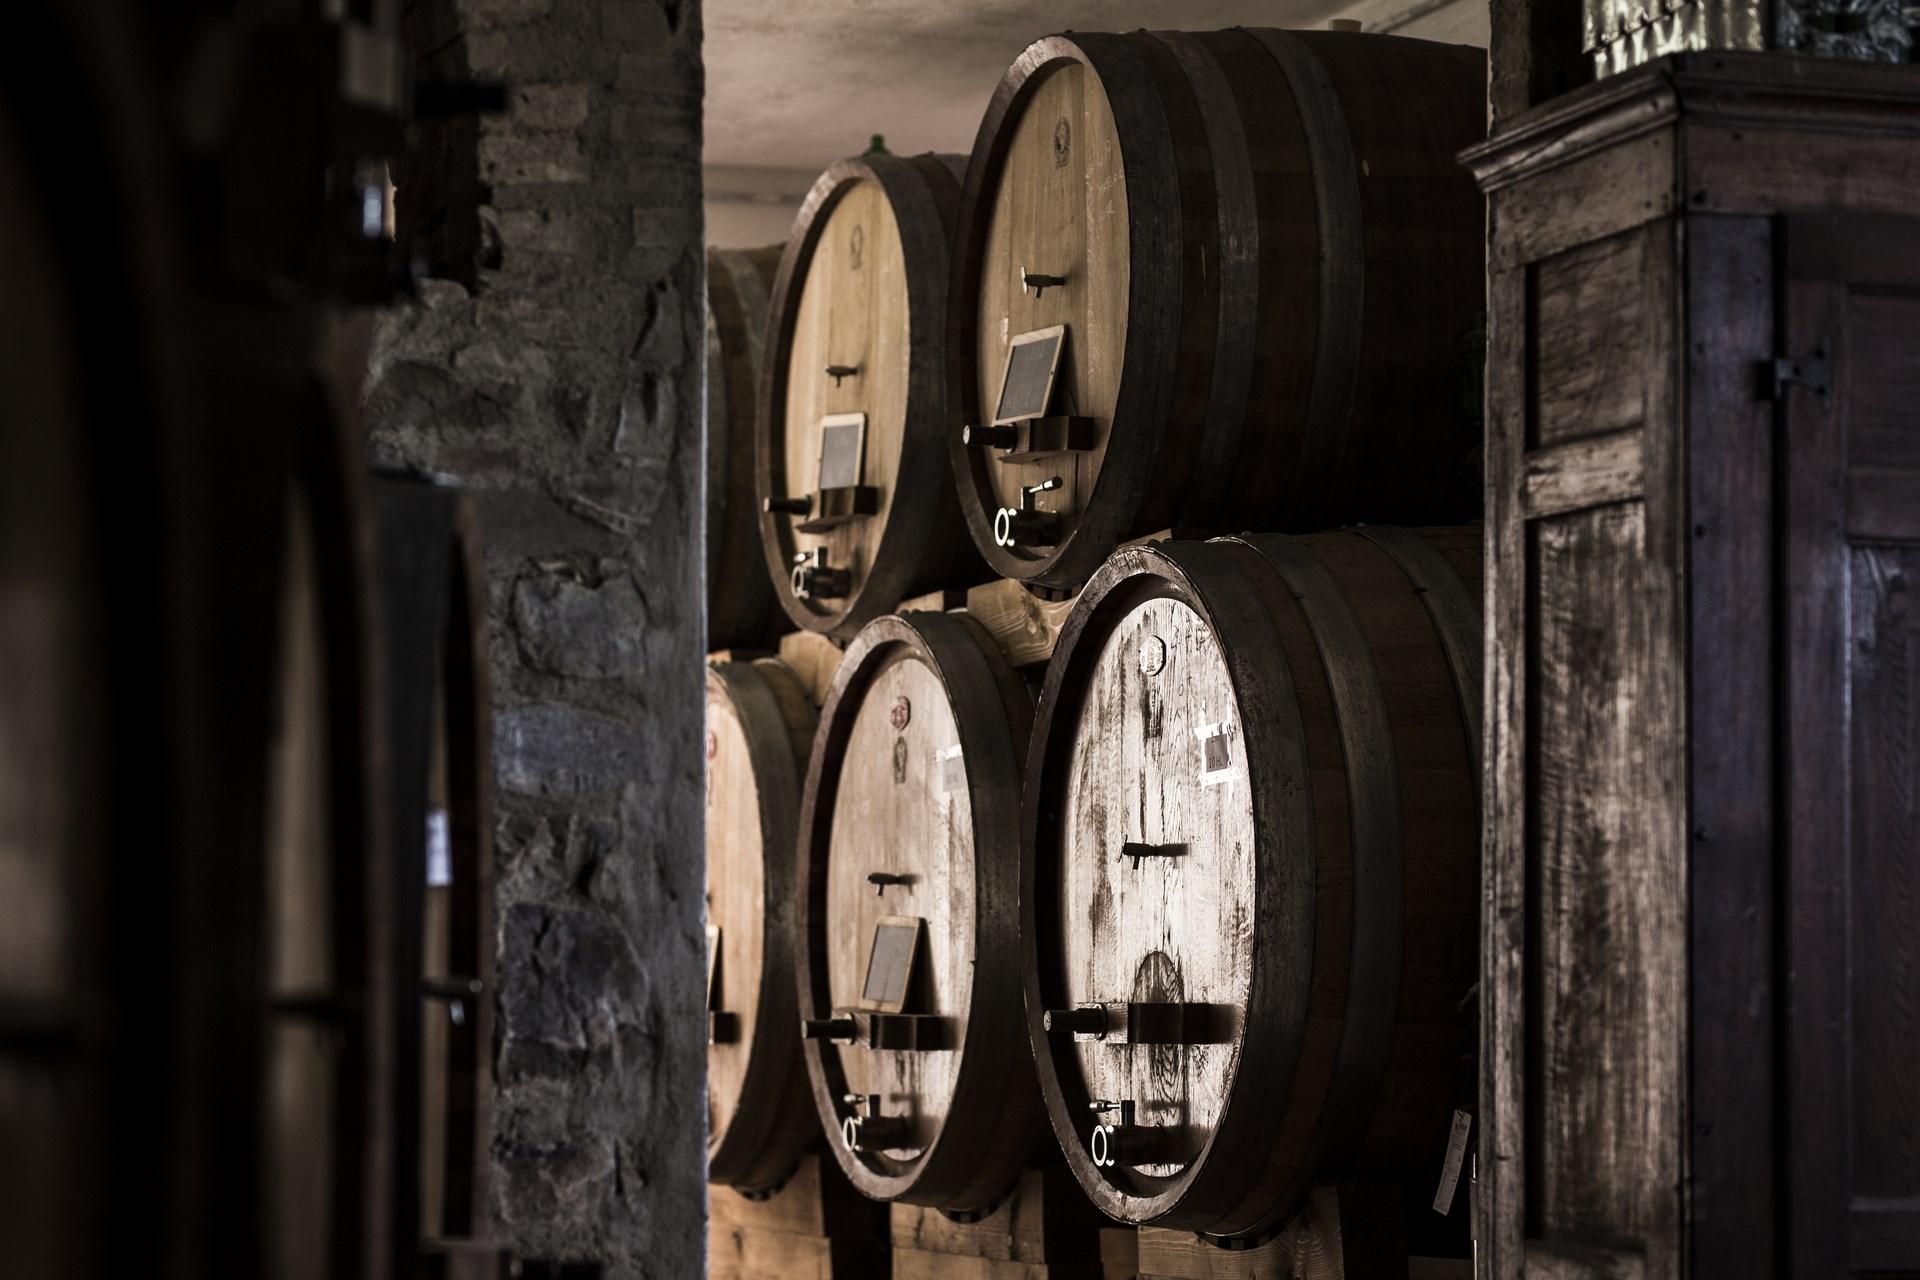 La Palazzetta winery